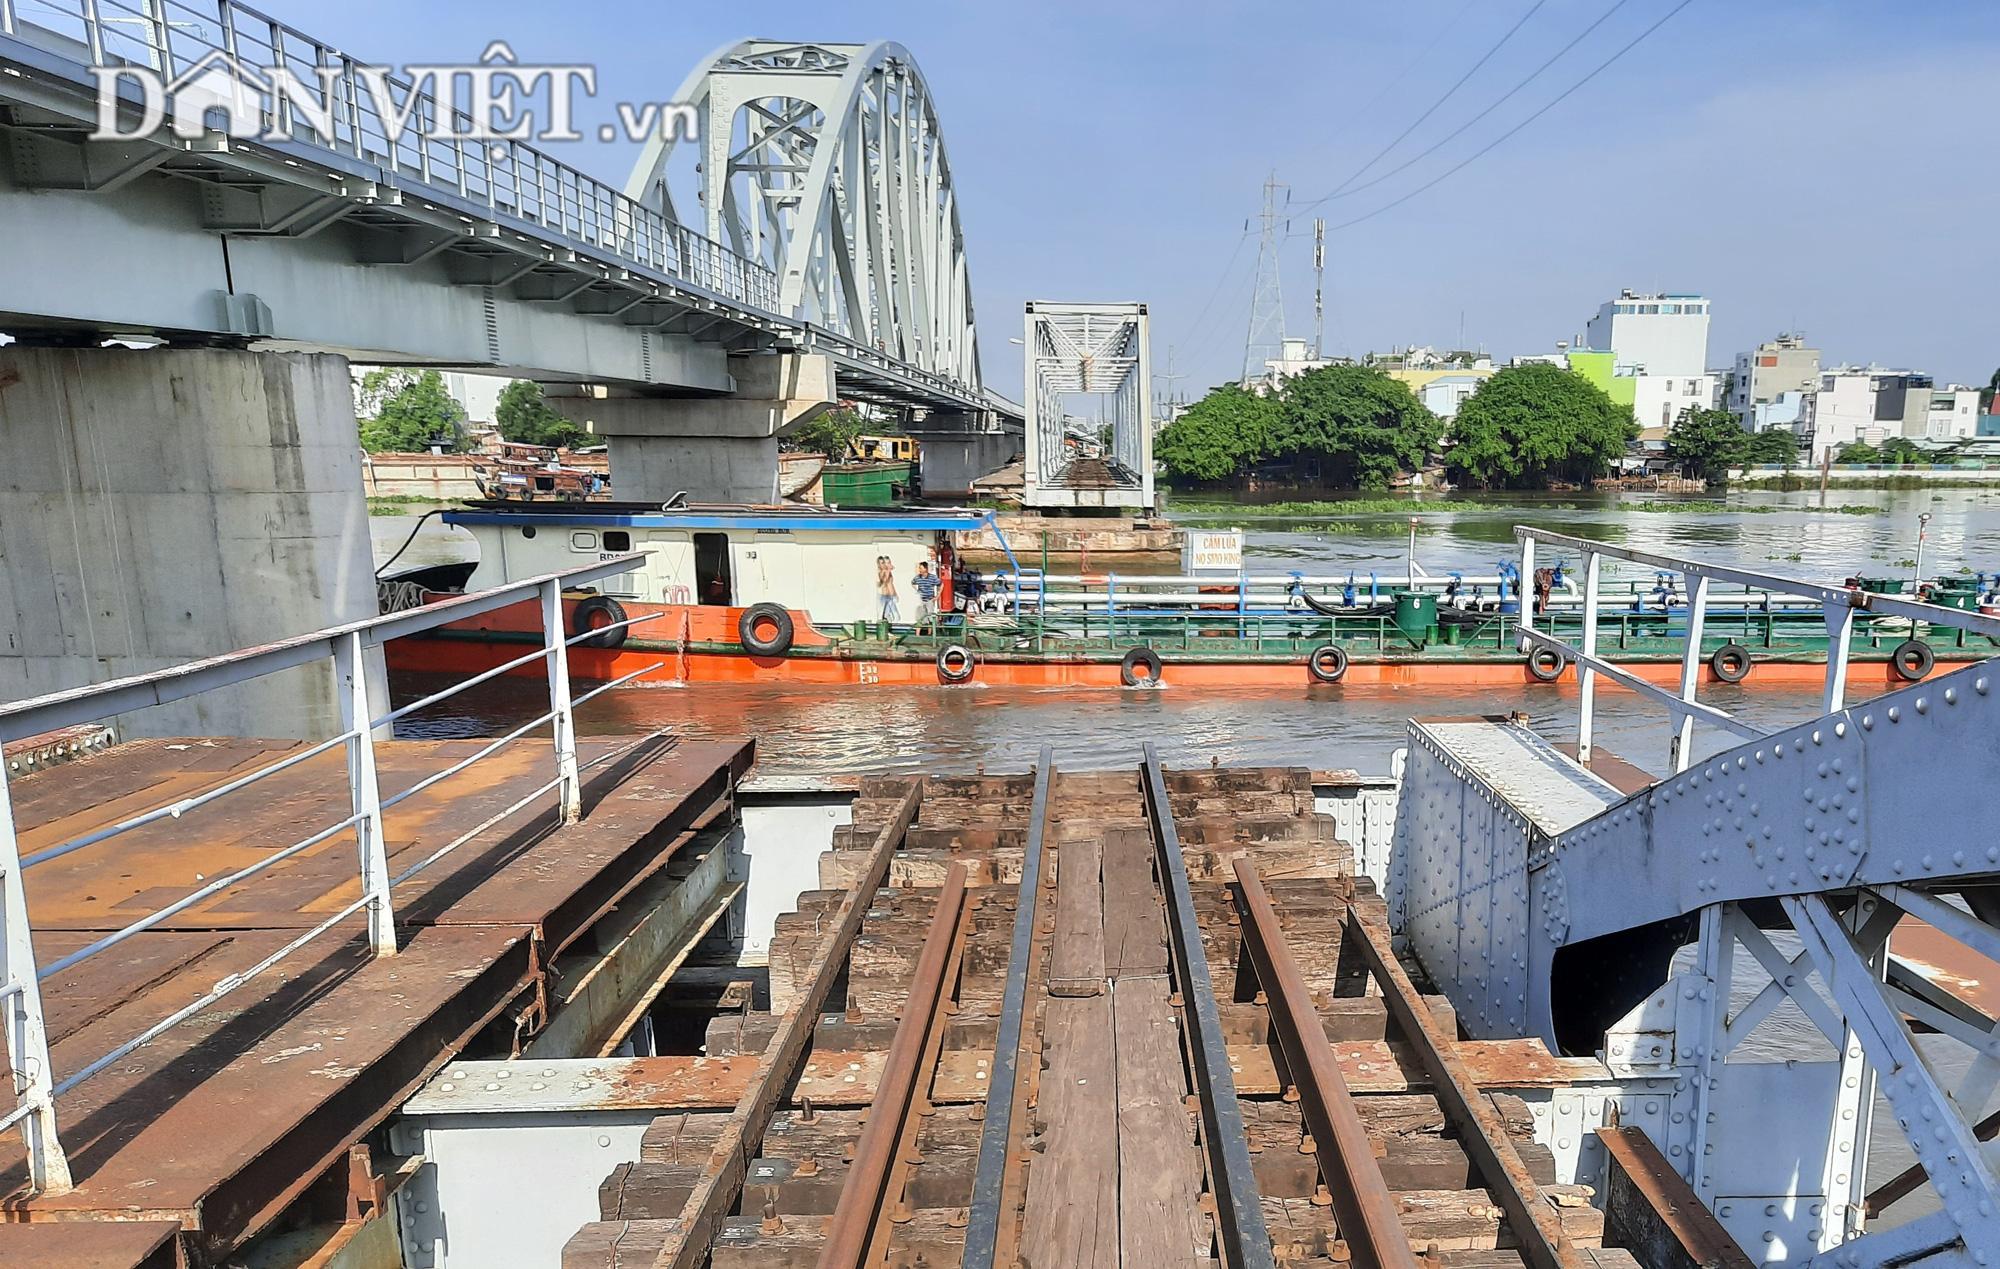 Hết ùn tắc giao thông đường thủy tại cầu sắt Bình Lợi - Ảnh 1.